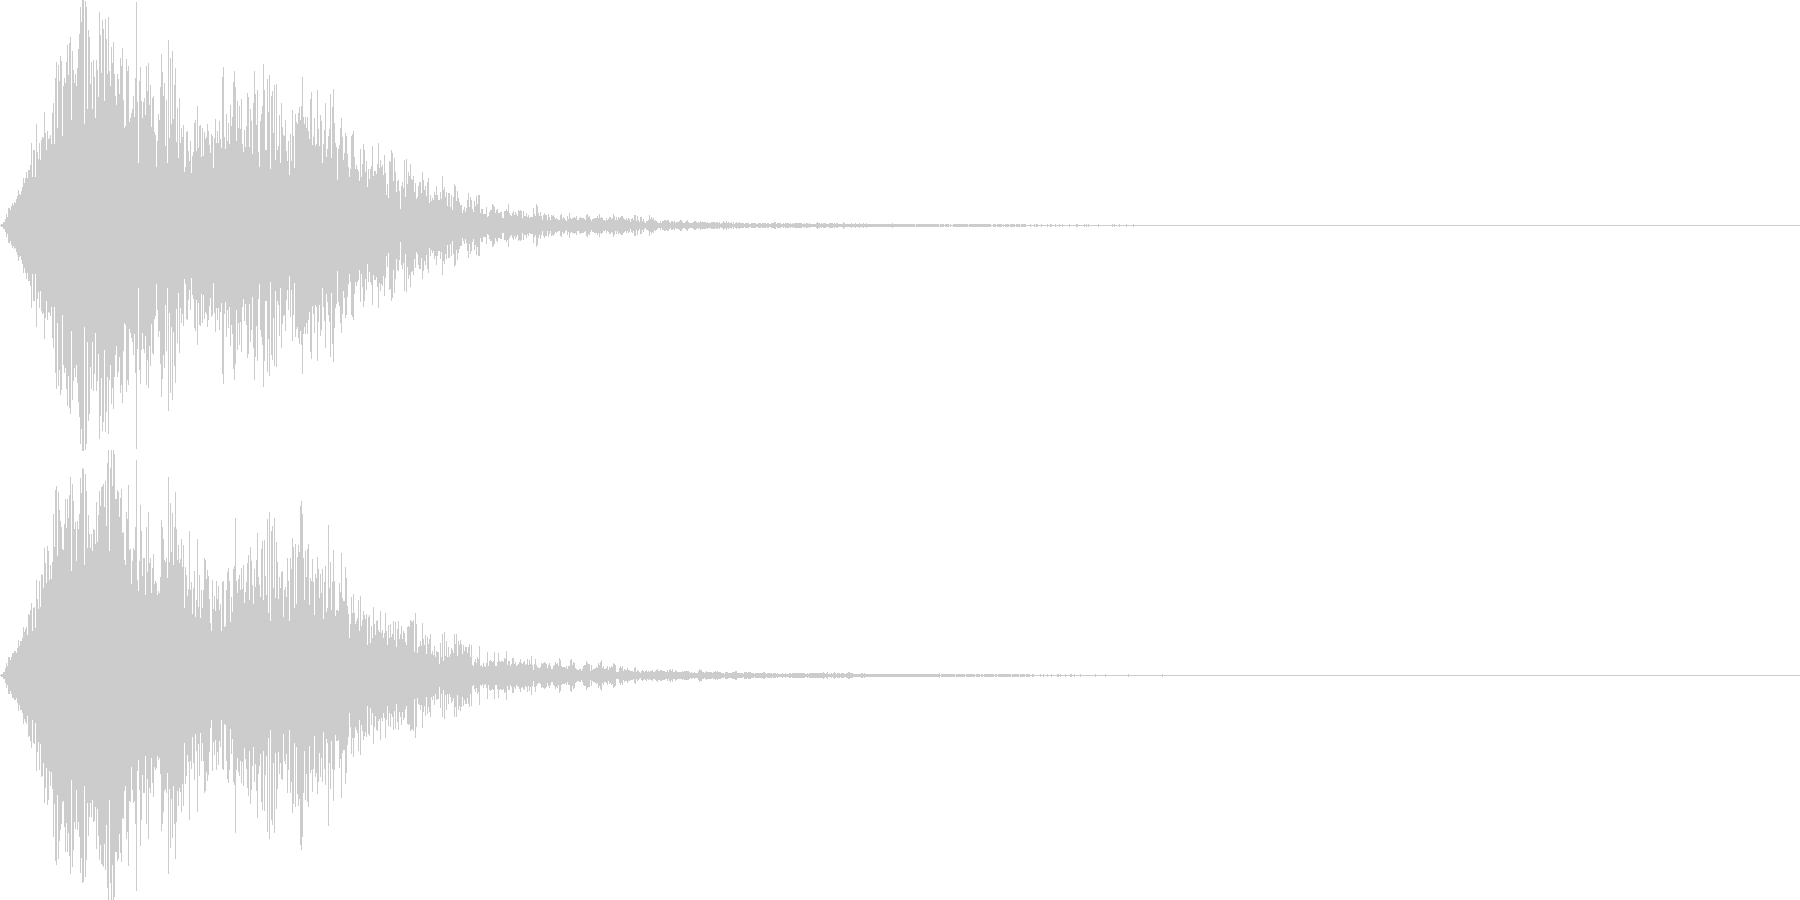 ストリングフレーズ02の未再生の波形